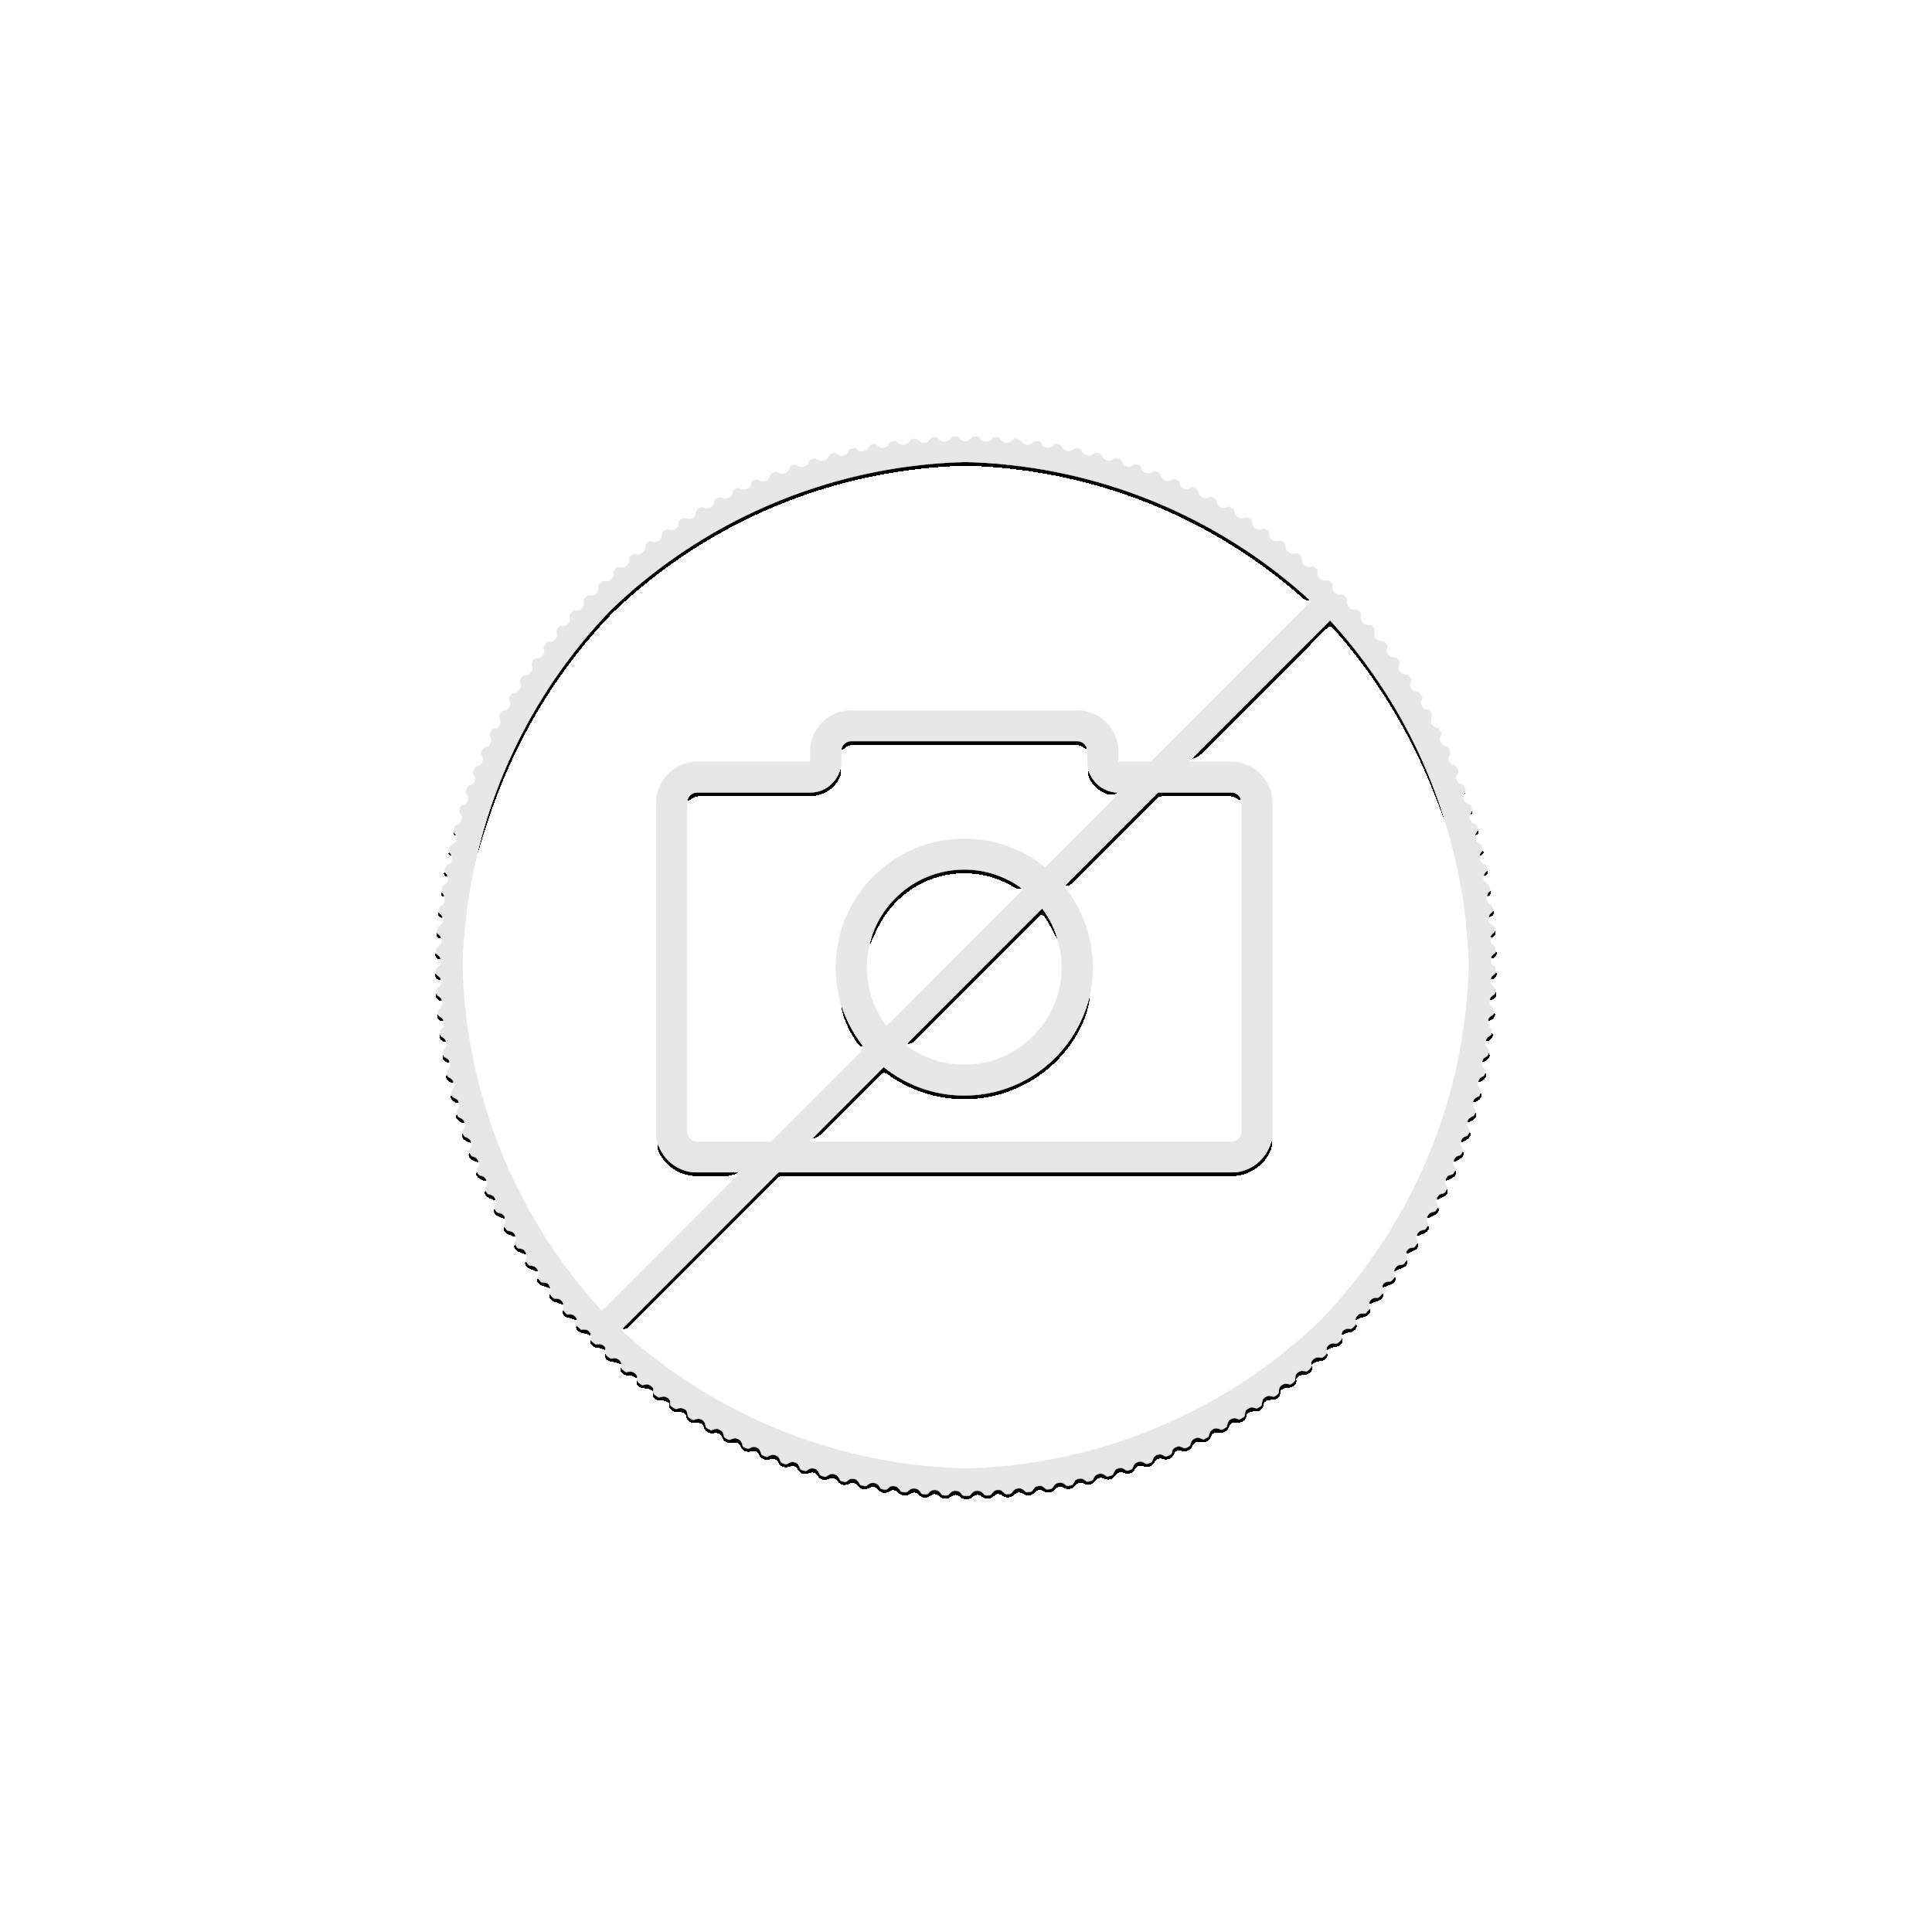 1 troy ounce platinum Philharmonic coin 2021